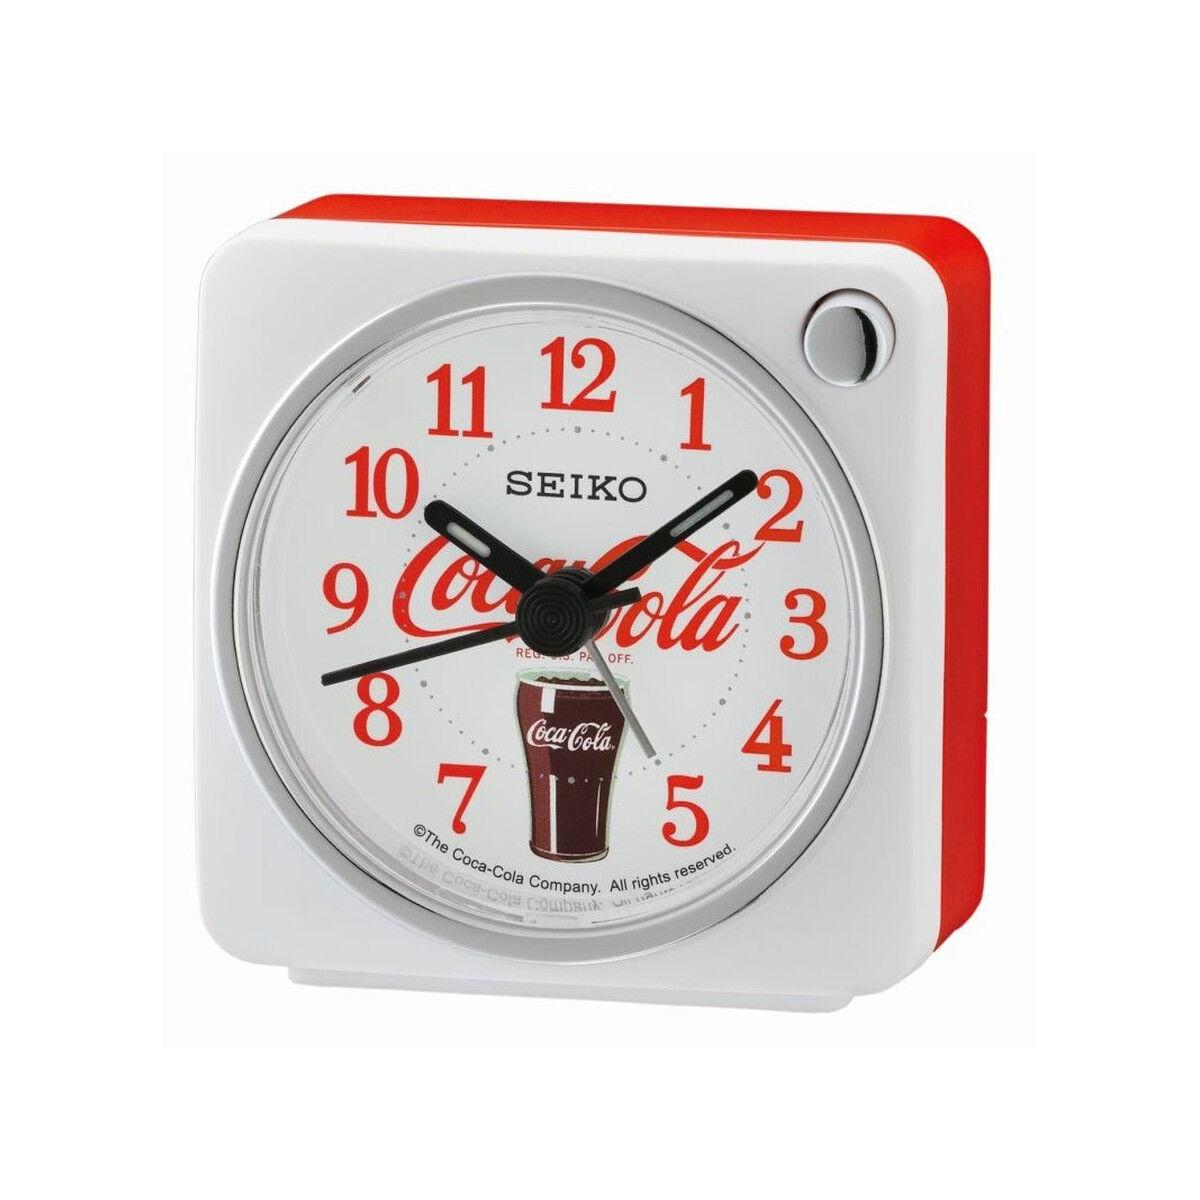 SEIKO Reveil seiko coca cola blanc rouge- MATY